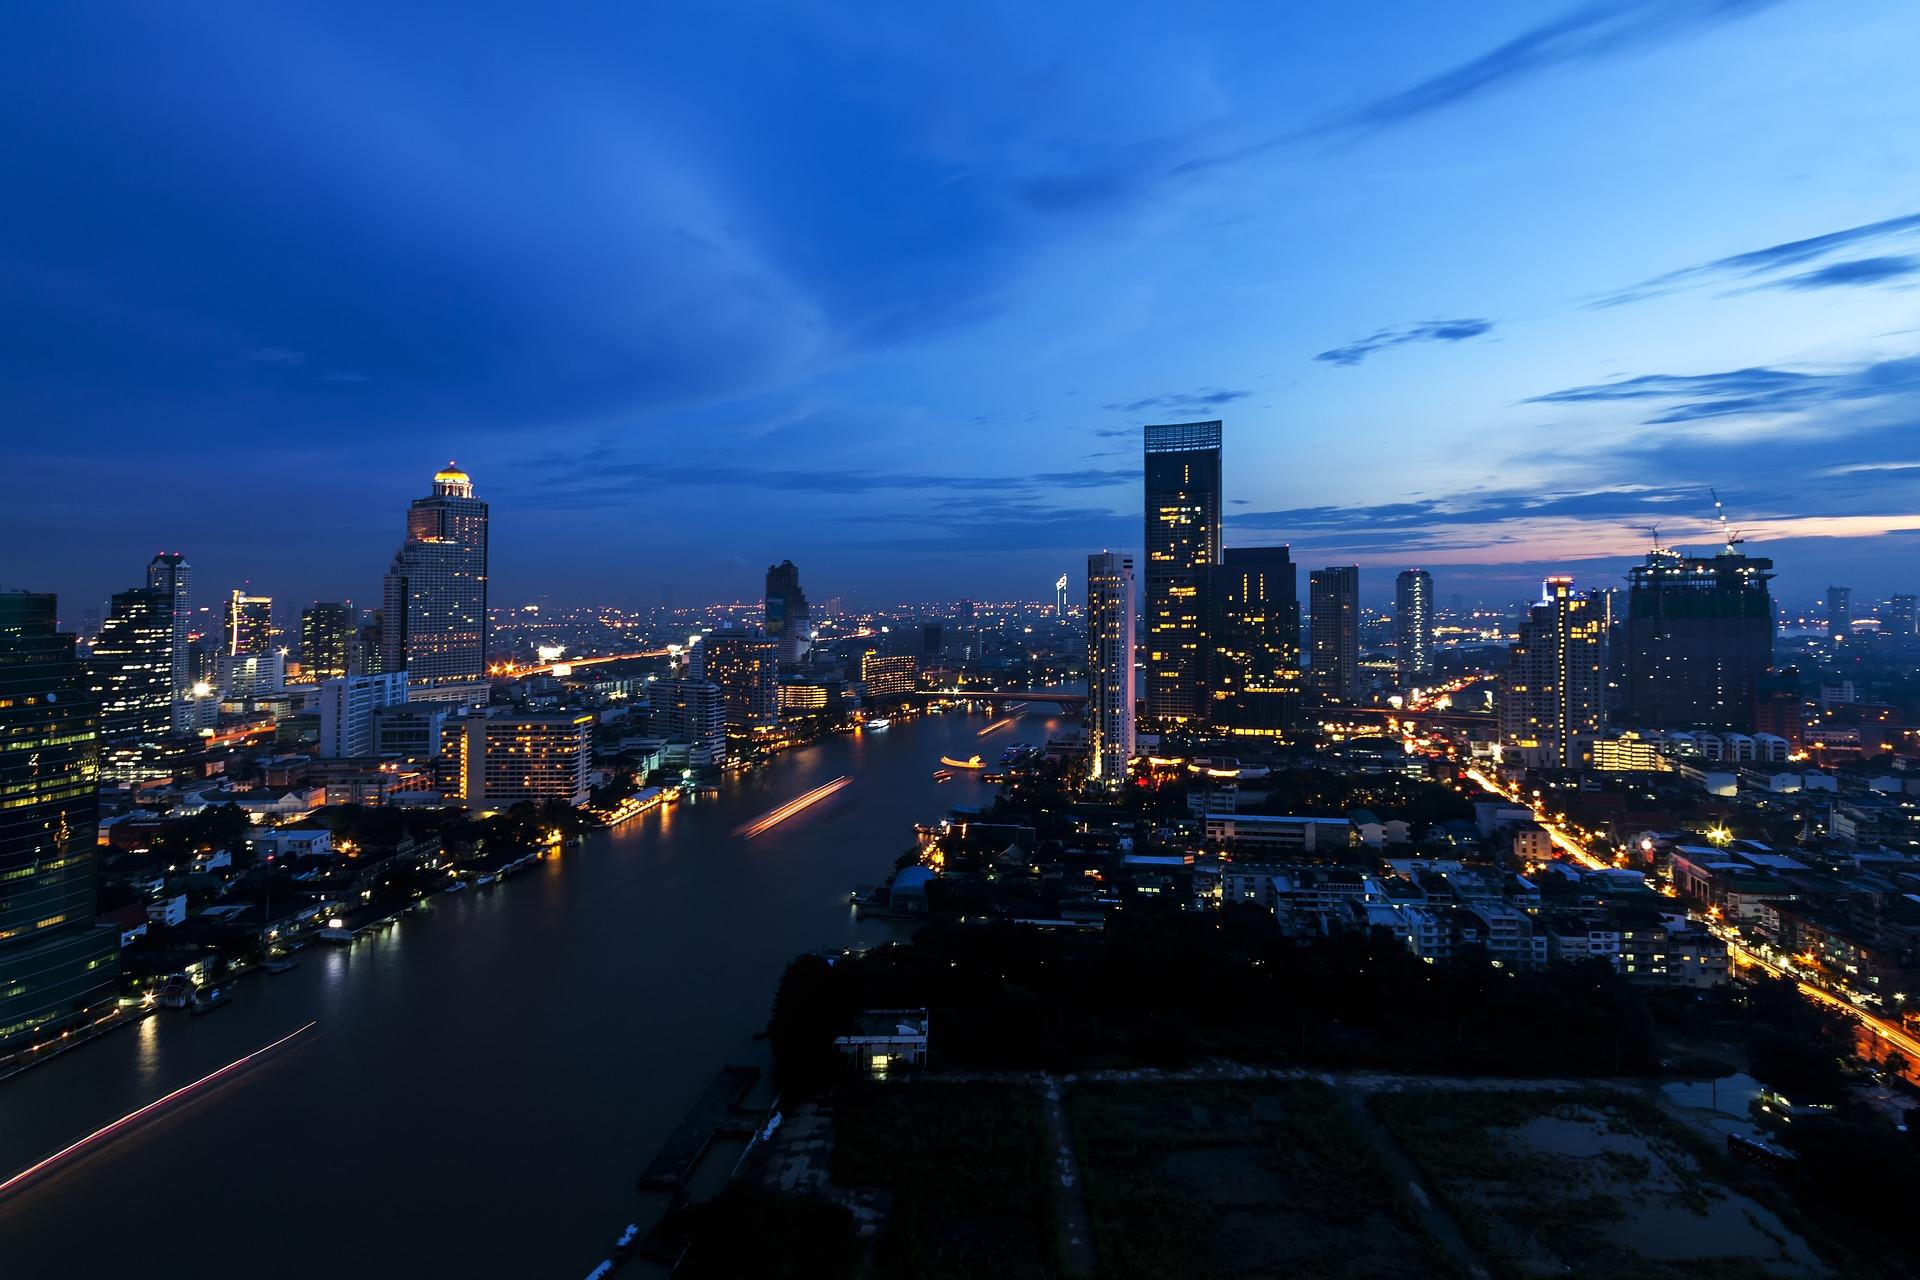 Alloggiare a Bangkok: guida completa ai migliori quartieri